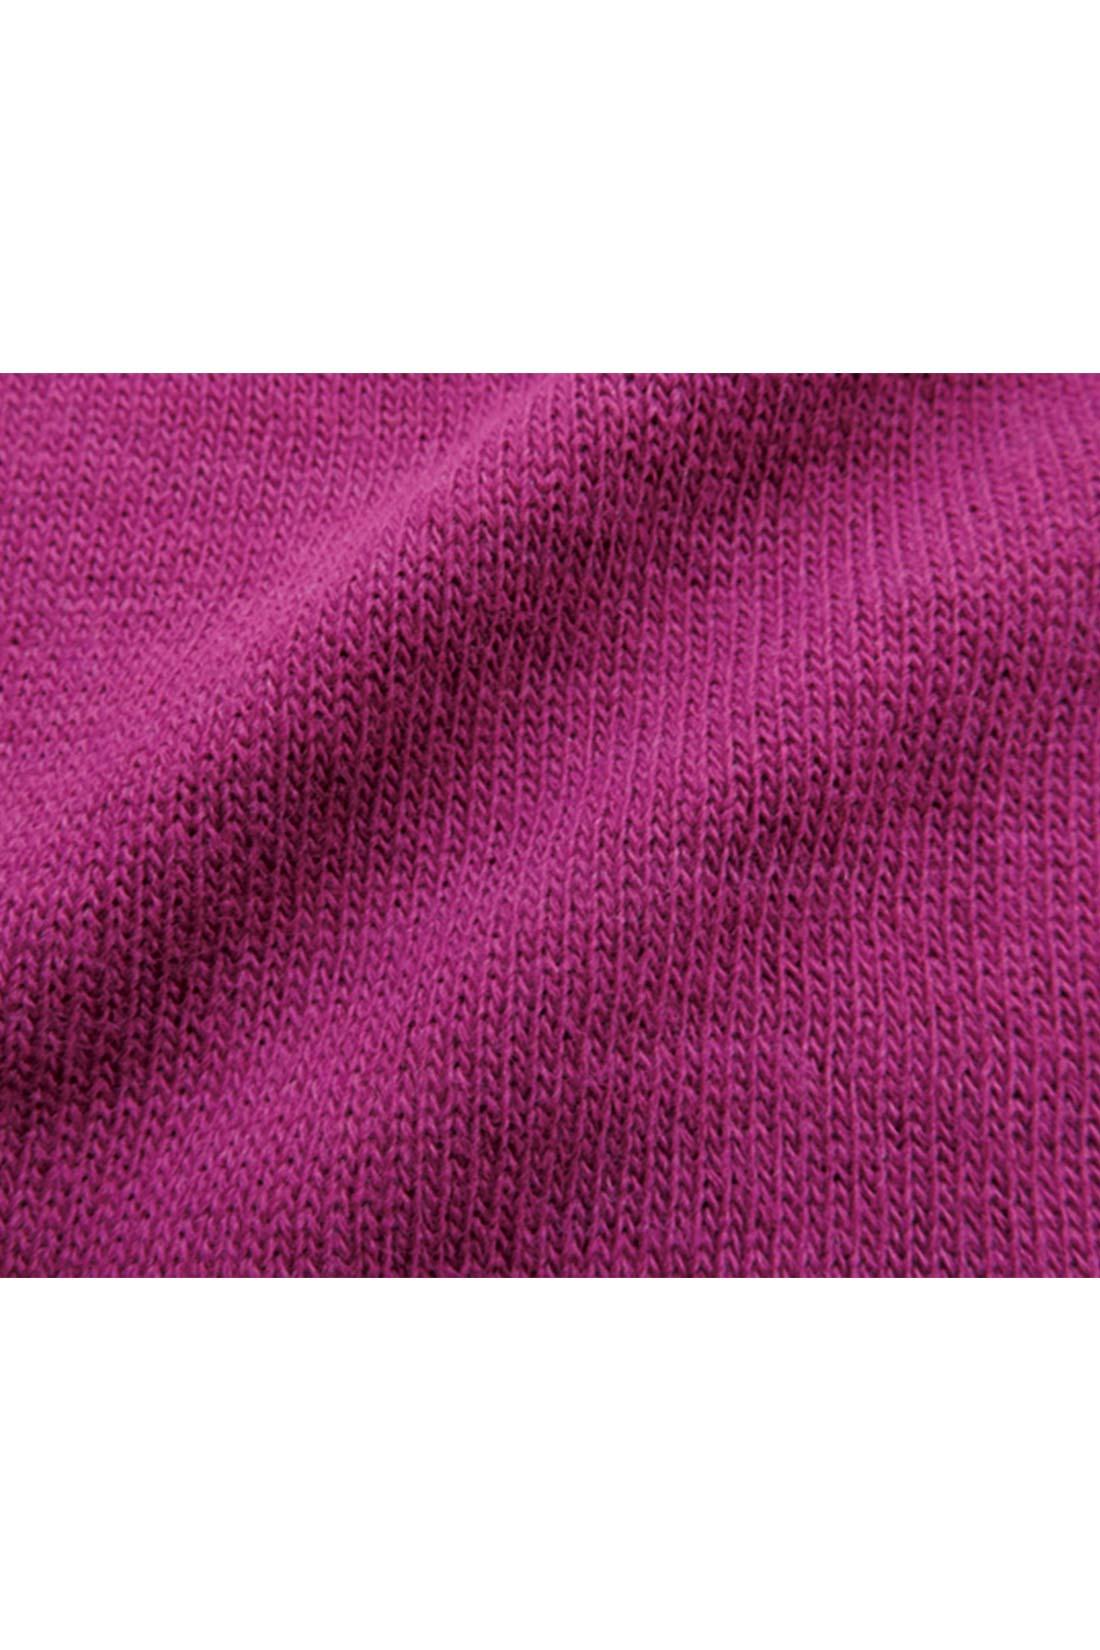 ウール混で、ほどよい厚み。 ※お届けするカラーとは異なります。